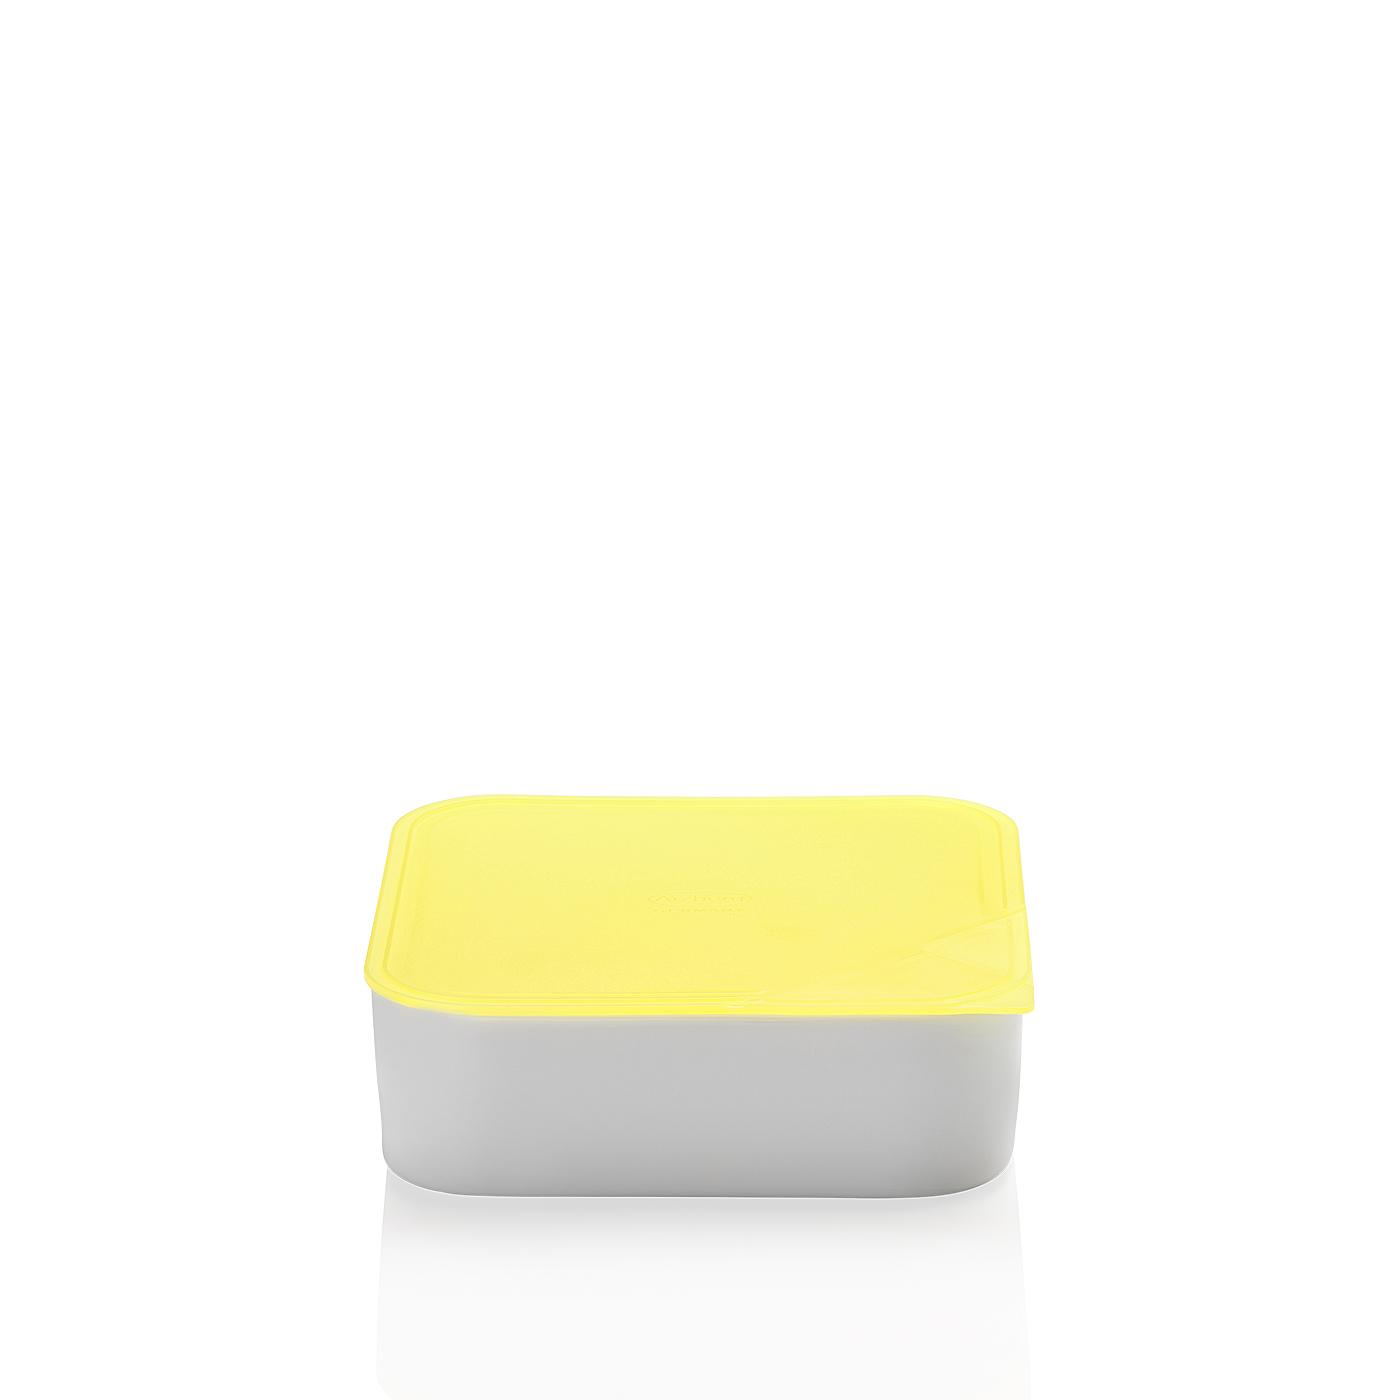 Frischebox 18x18 cm Küchenfreunde Kunststoff gelb Arzberg